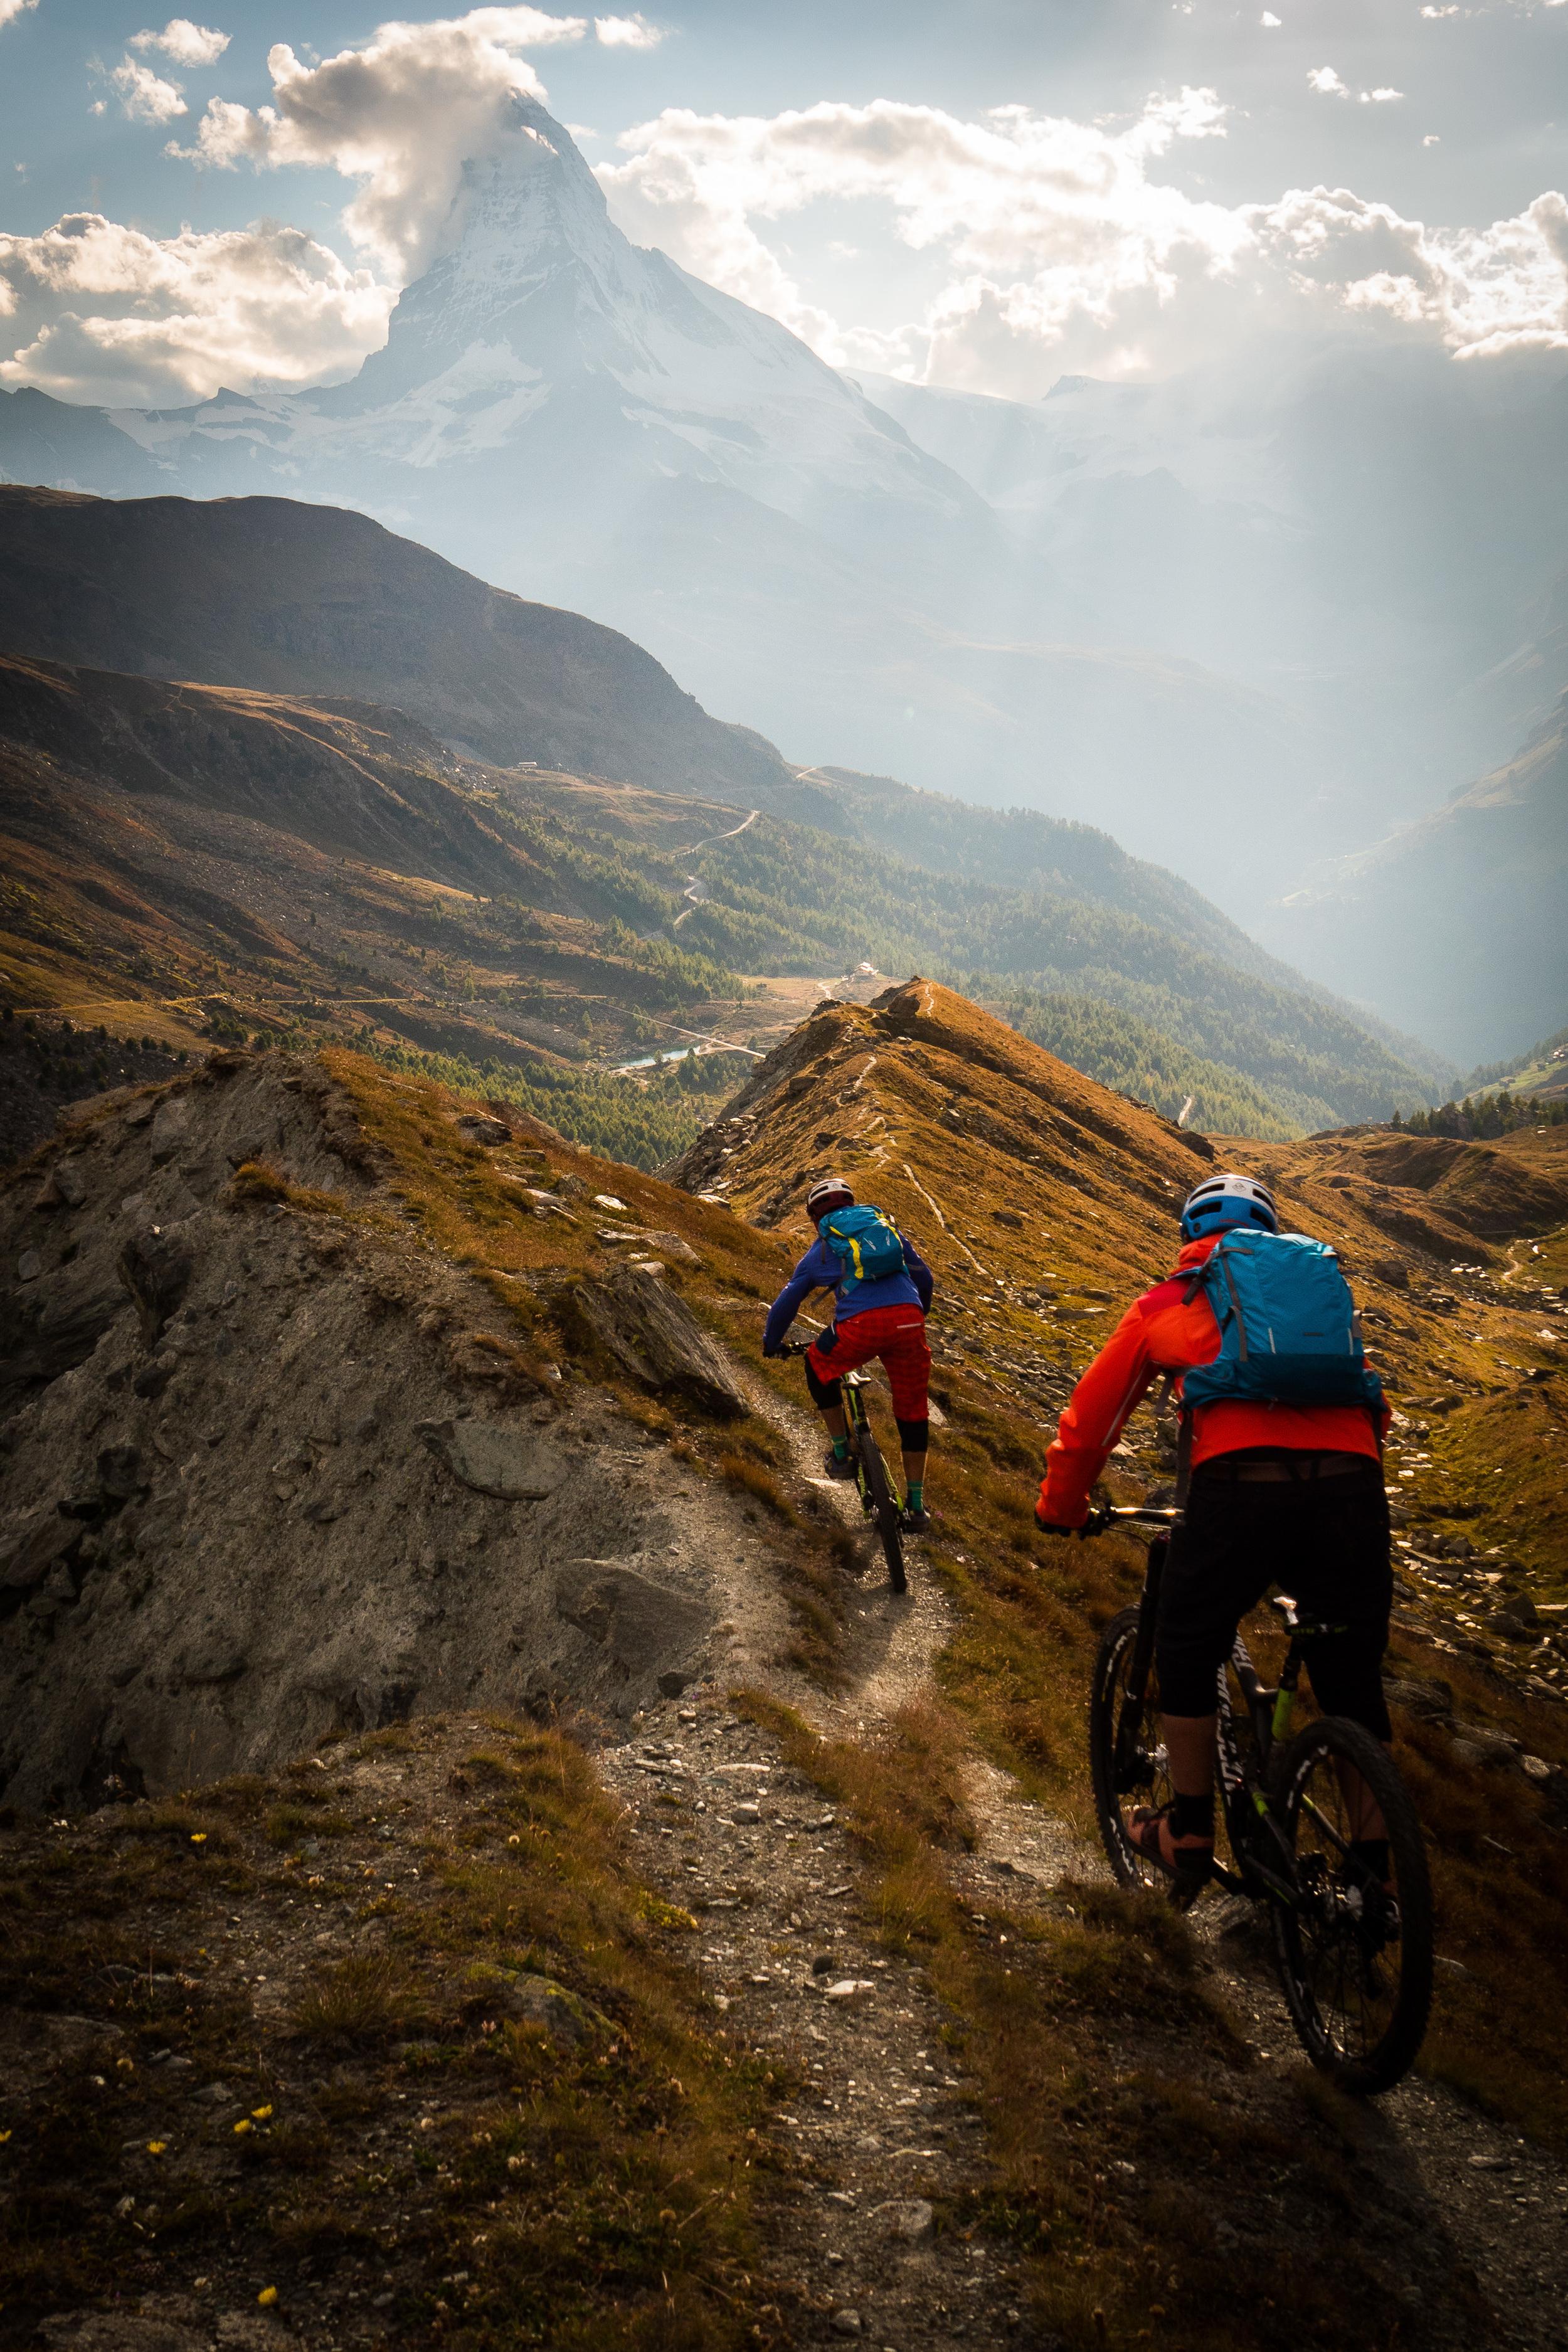 Zermatt-2014 (26 of 38).jpg